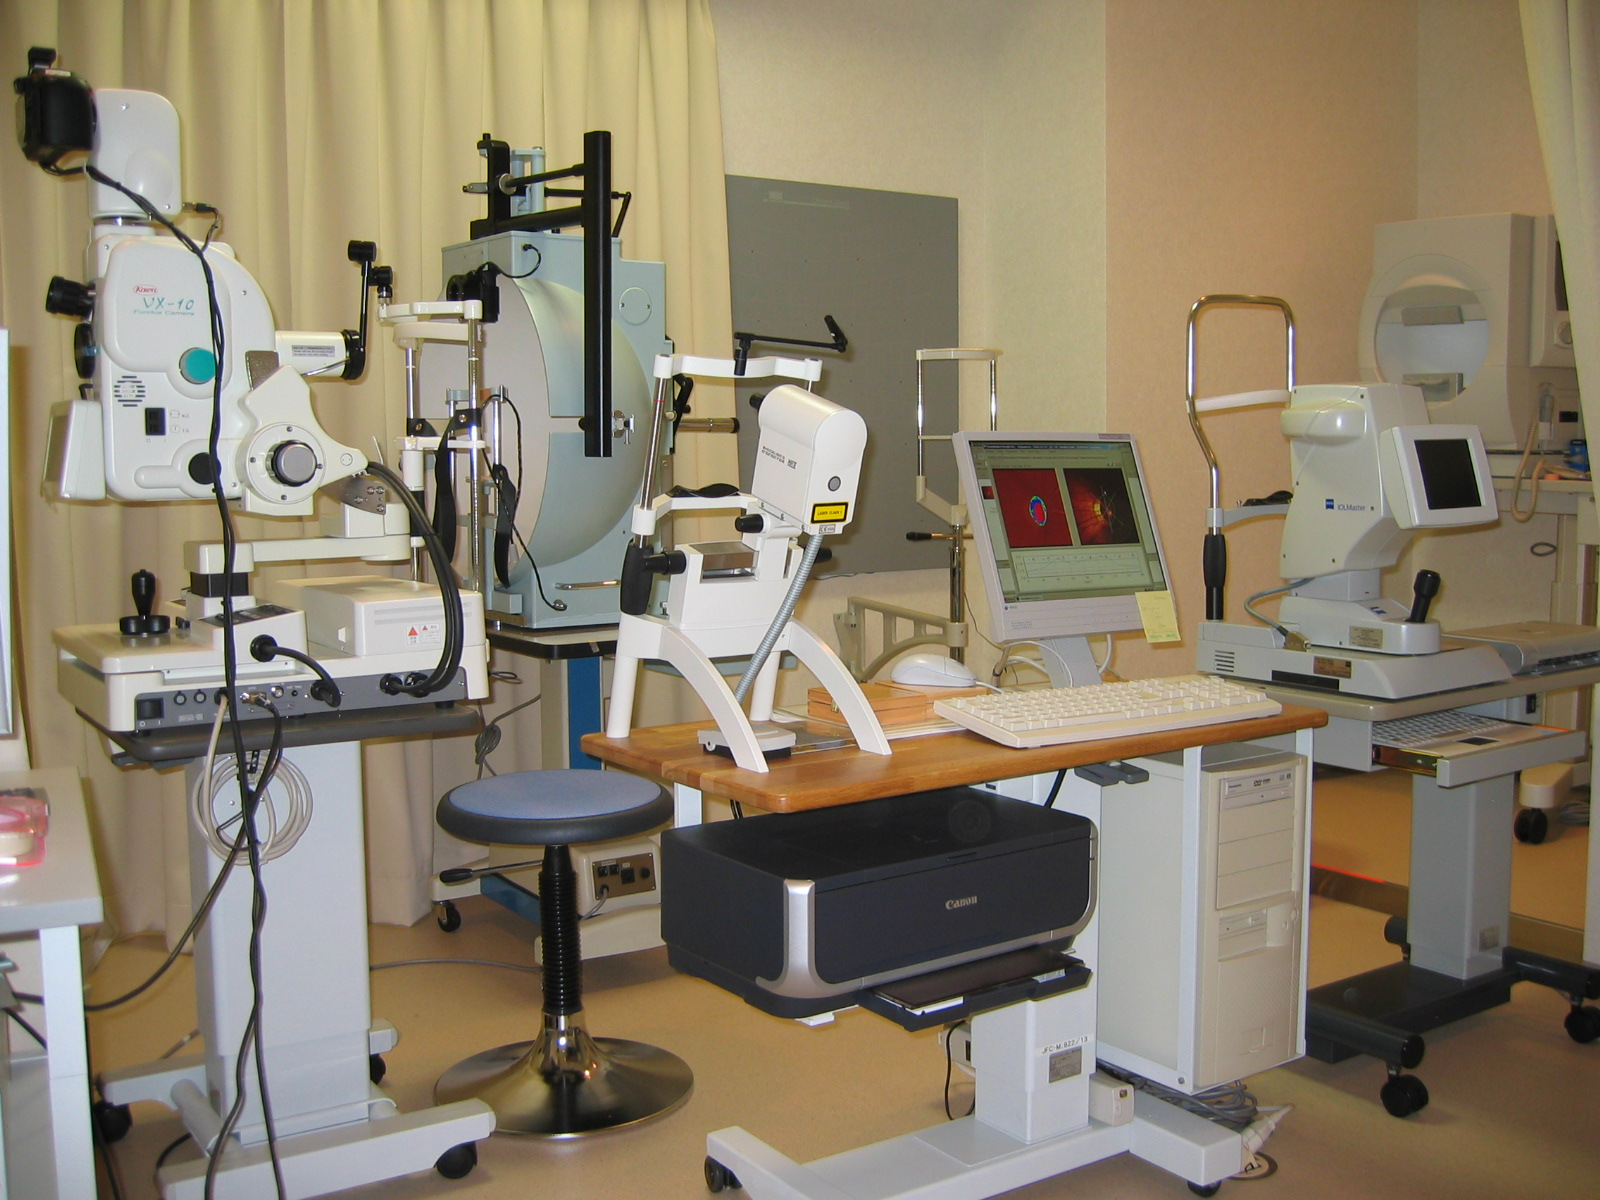 ゴールドマン視野検査計など各種検査機器